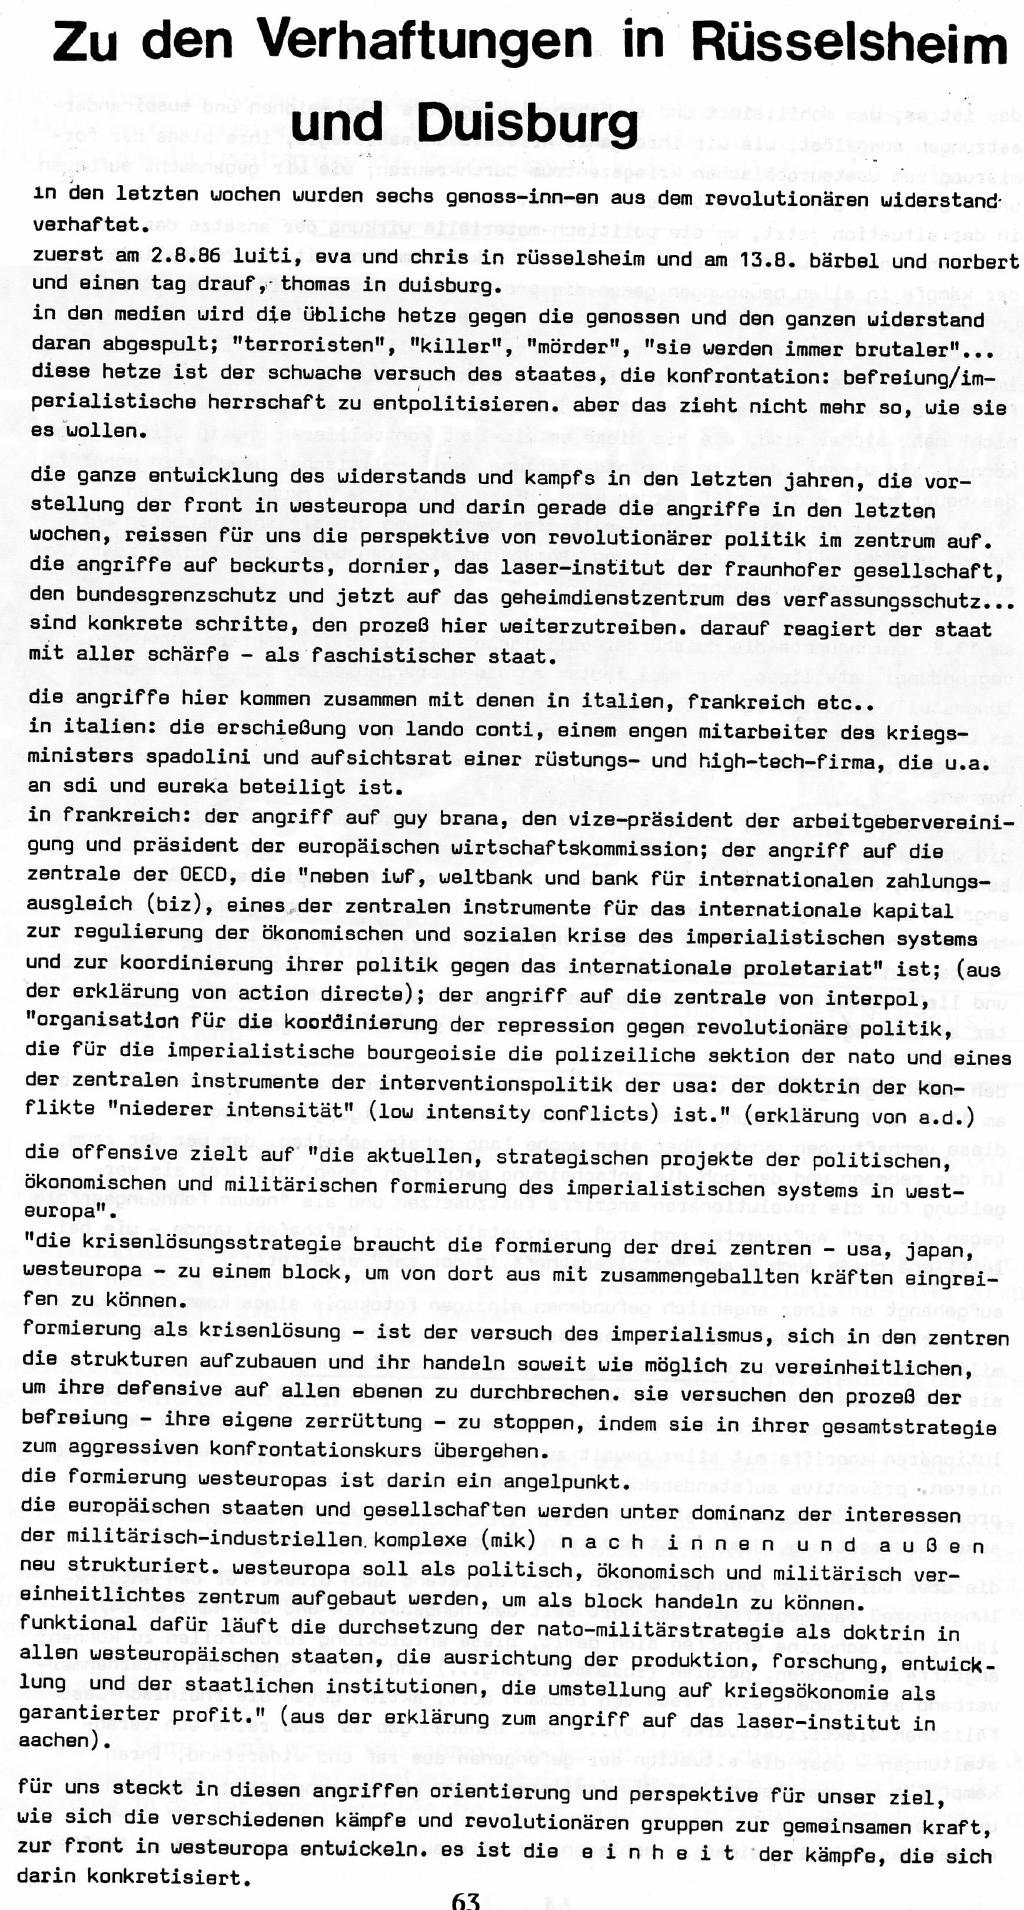 Duesseldorf_1989_Sechs_Politische_Gefangene_063